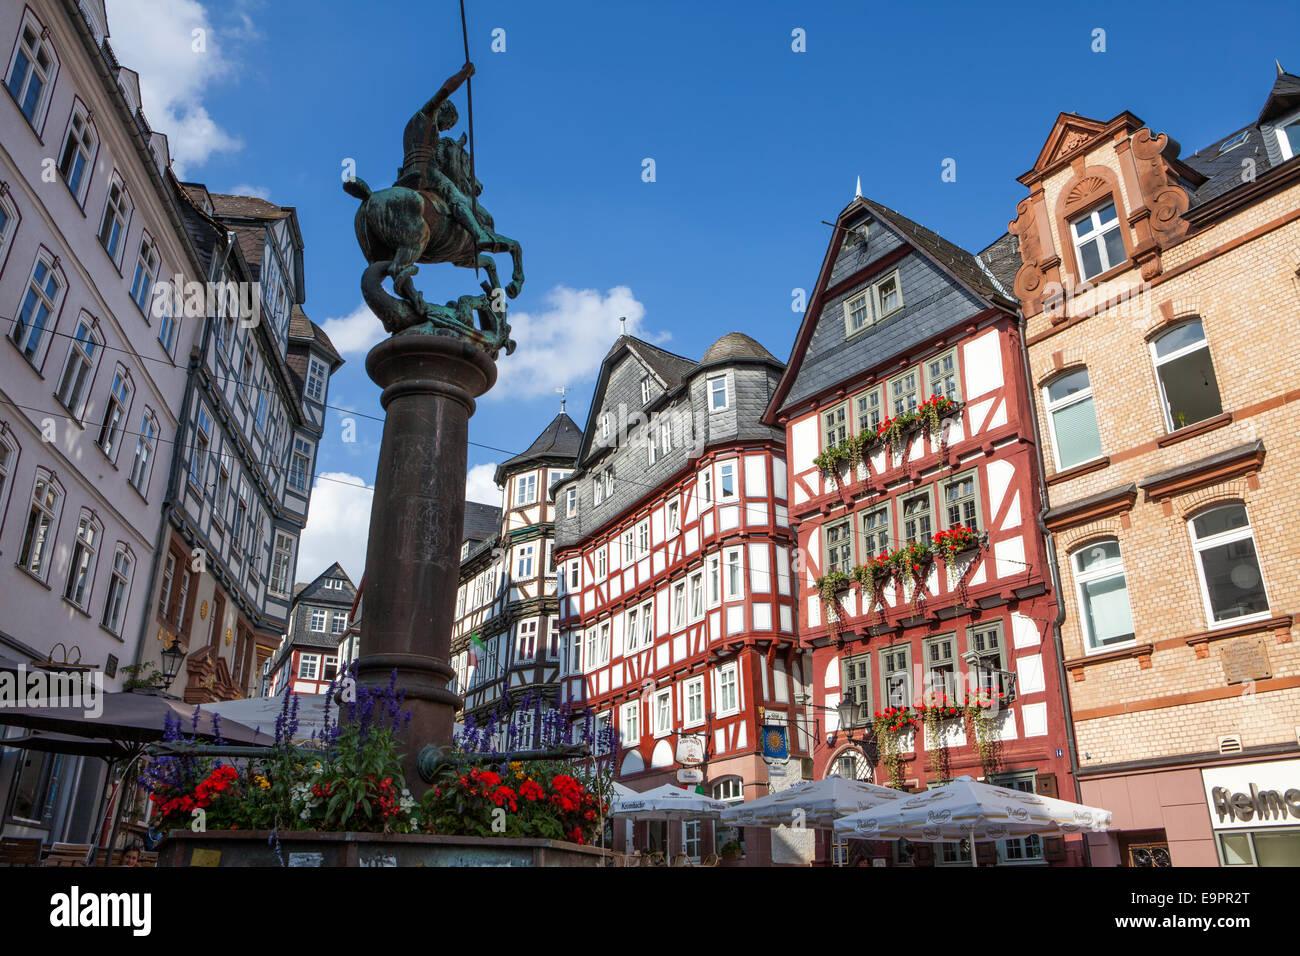 markt platz historischen zentrum marburg hessen deutschland europa stockfoto bild. Black Bedroom Furniture Sets. Home Design Ideas